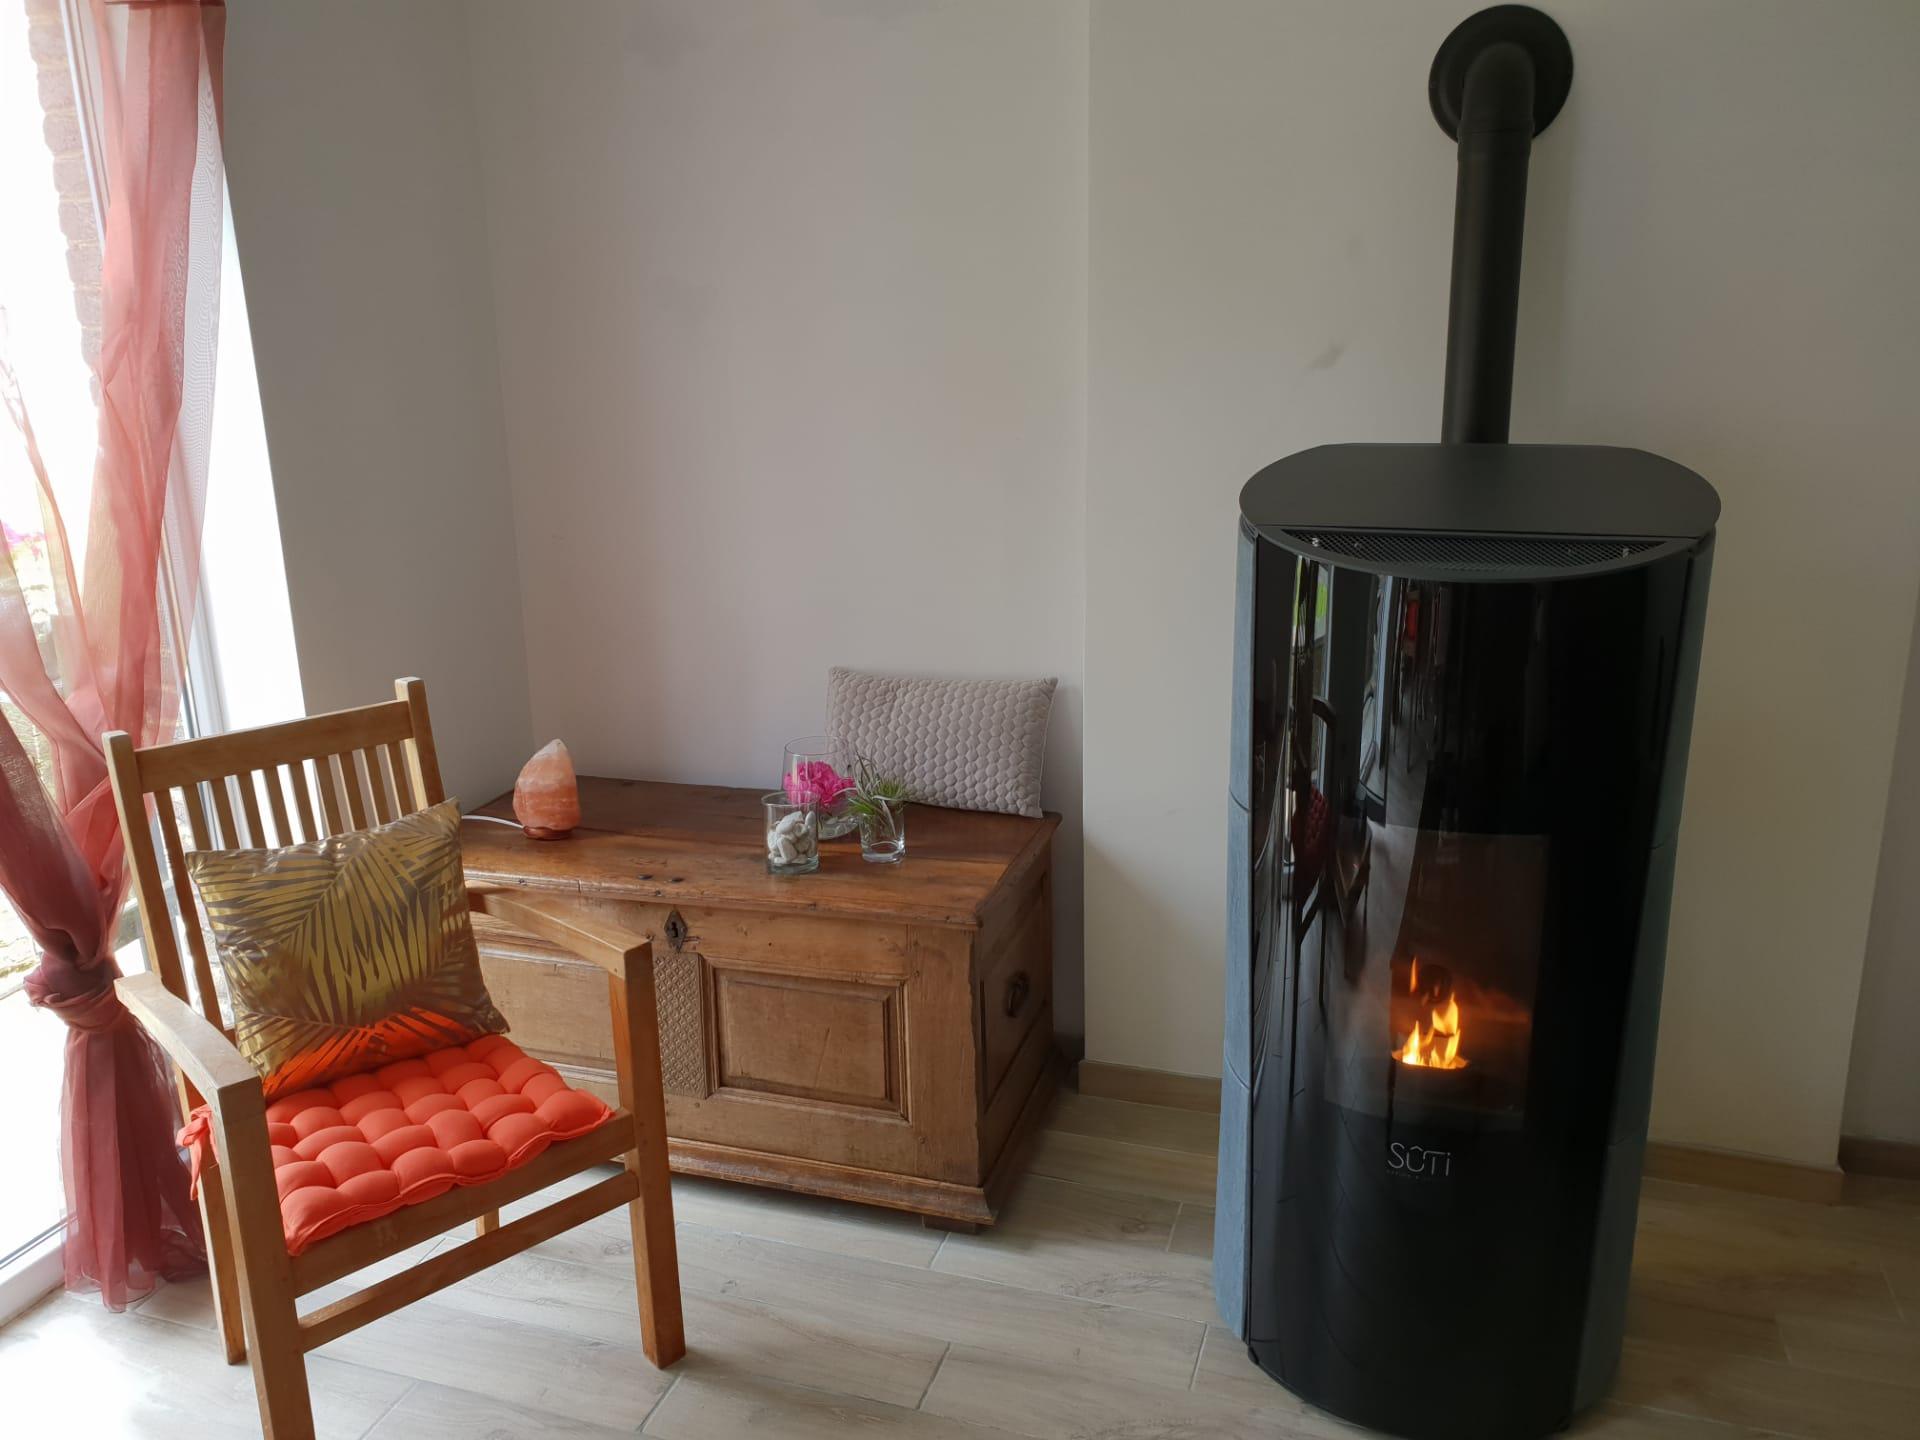 Sûti Design & Utility | Poêle à pellet IP1 pierre